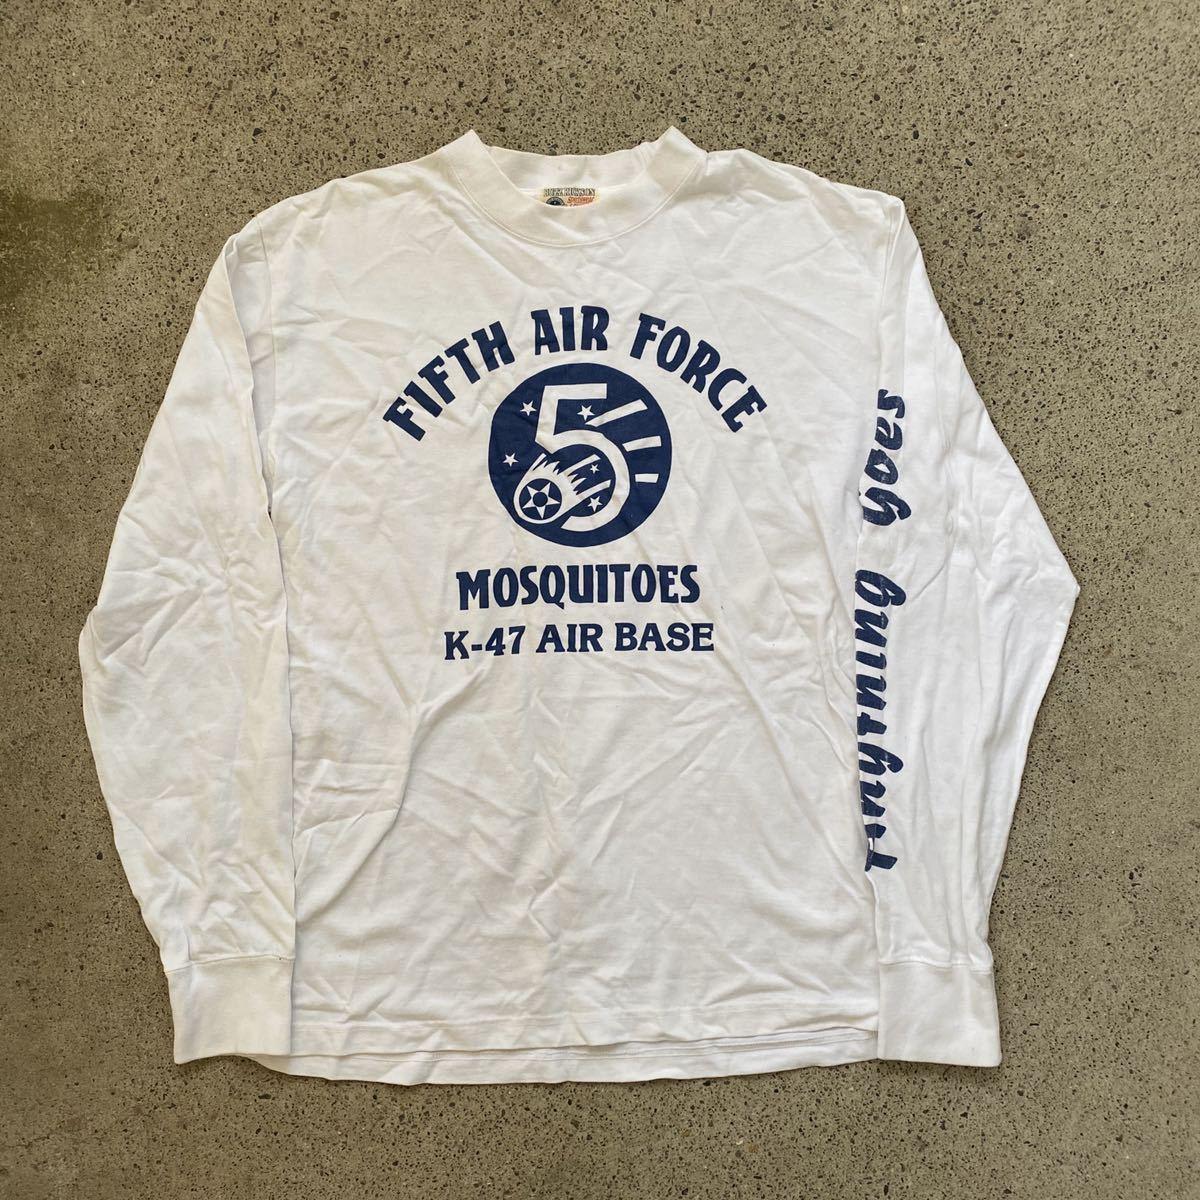 BUZZ RICKSONS 長袖 Tシャツ M バズリクソンズ AIR FORCE ロンT_画像1